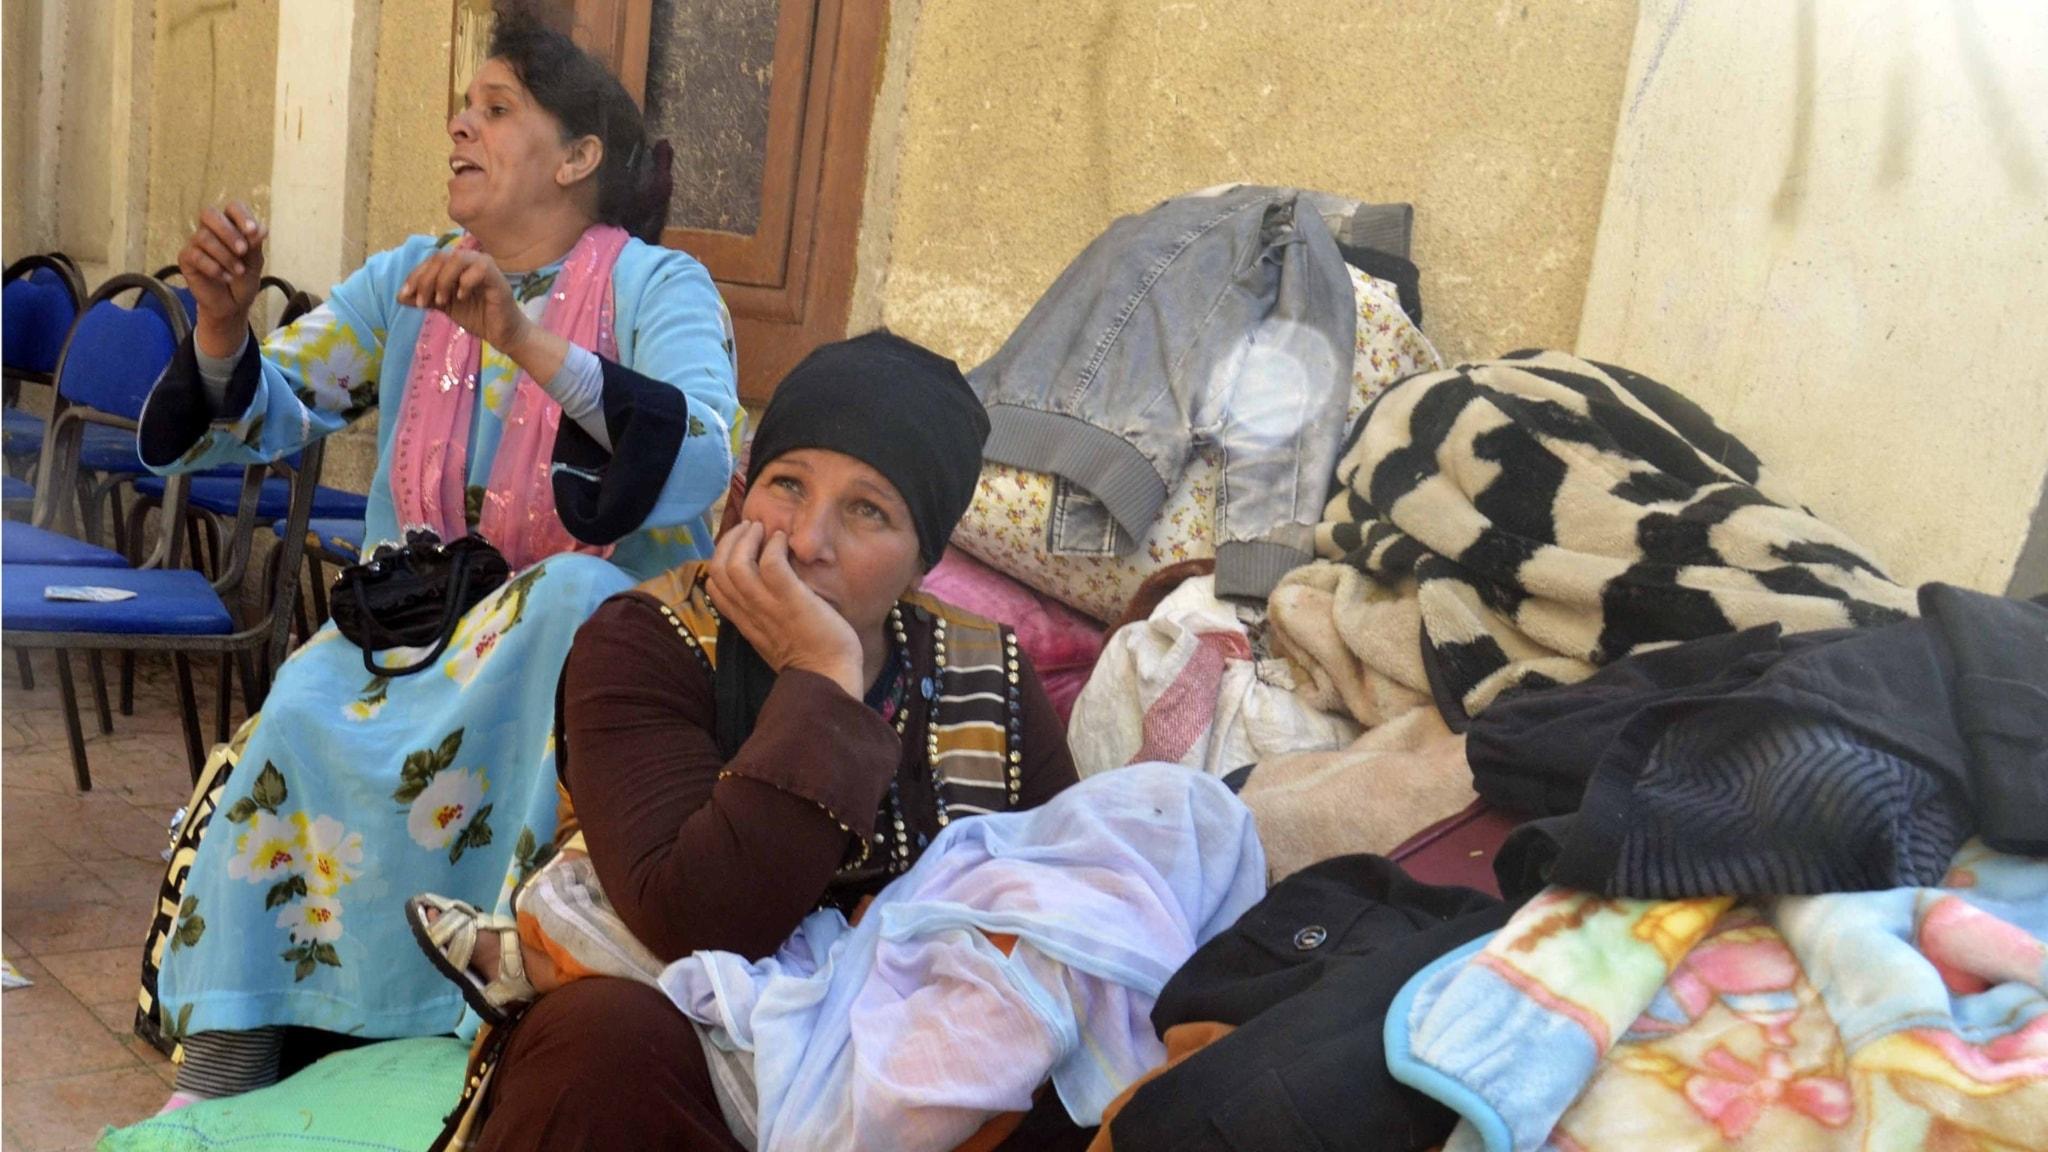 Koptiska kvinnor som flytt från Sinaihalvön efter attacker från IS.